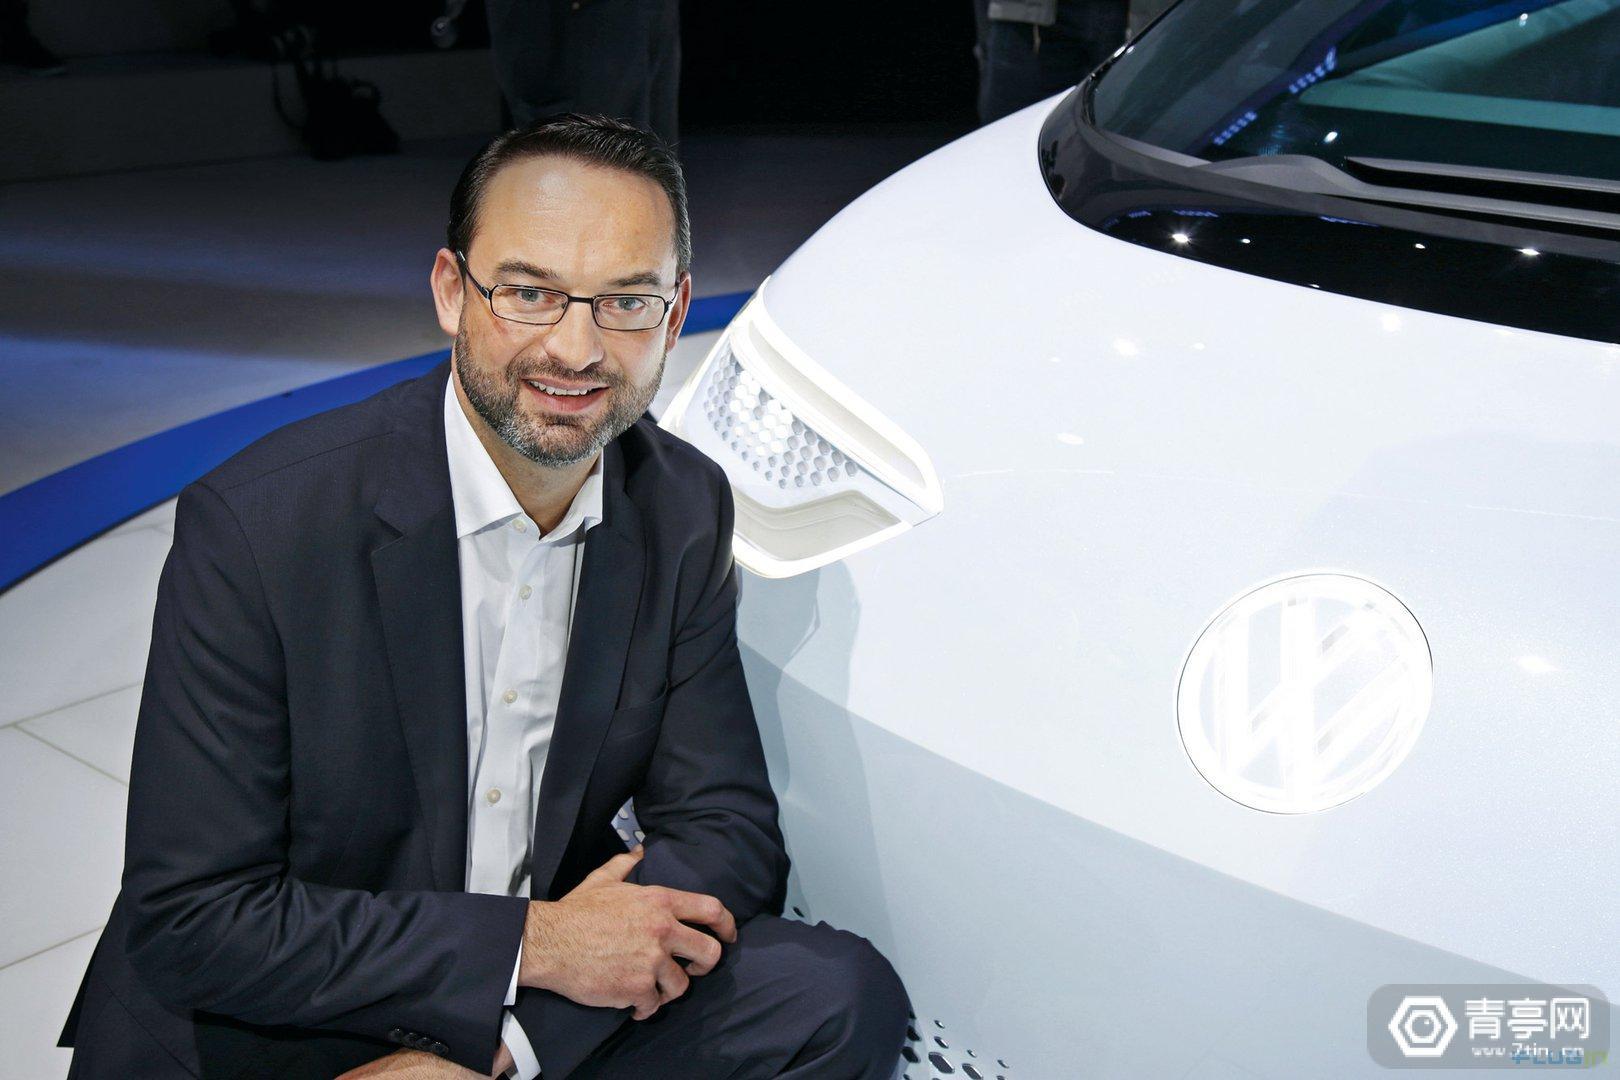 像补贴新能源一样补贴自动驾驶?大众高管预测中国将驱动自动驾驶市场需求